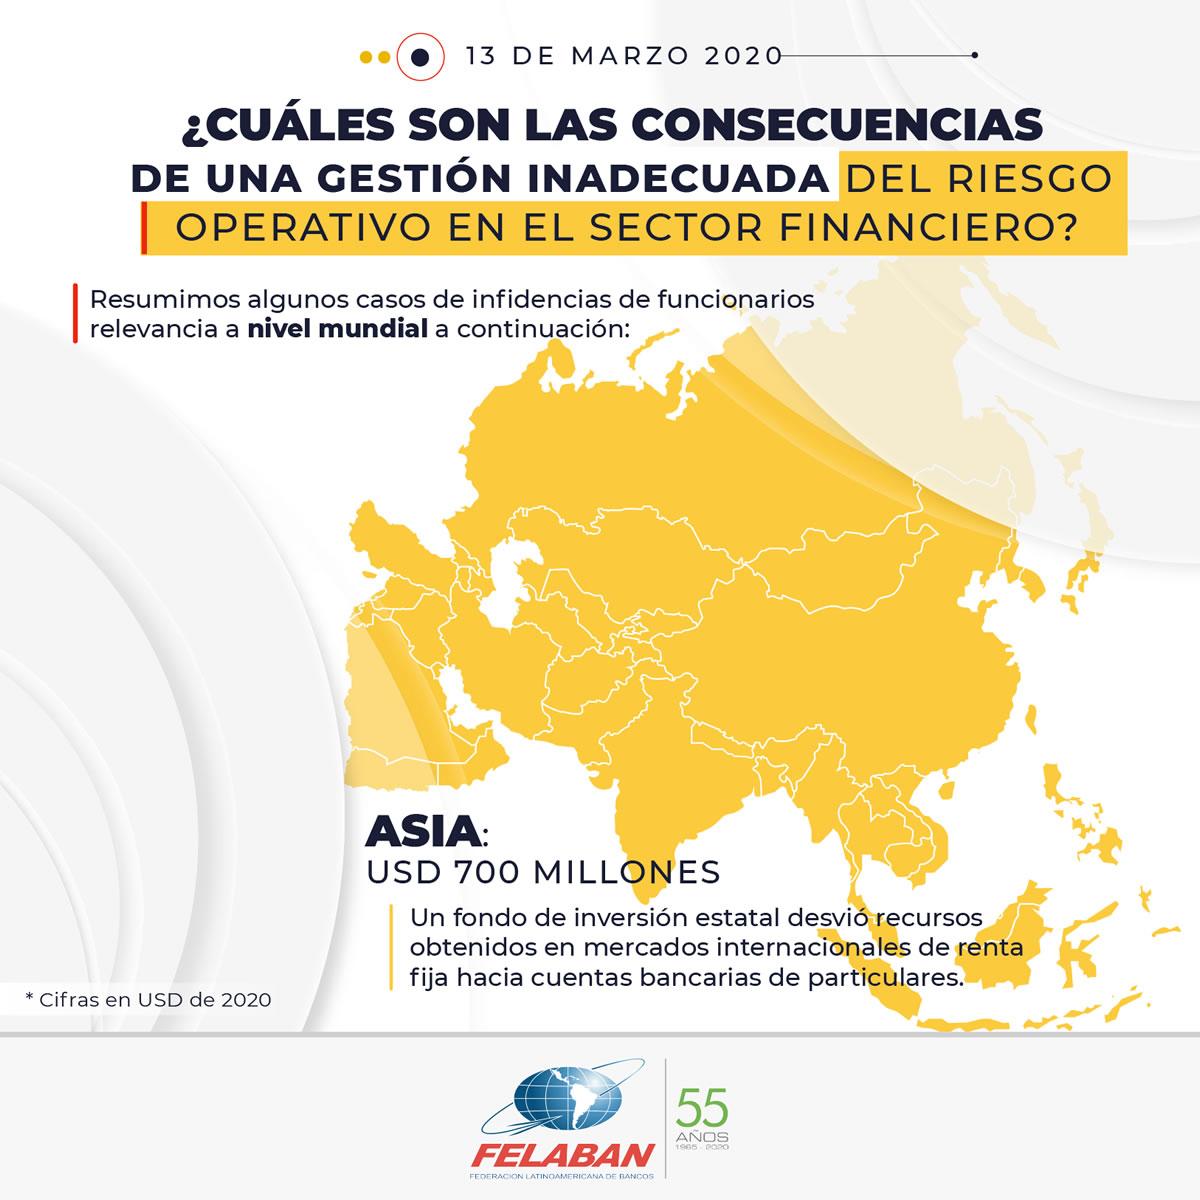 Gráfica Económica Nro 18-3 - ¿Cuáles son las consecuencias de una gestión inadecuada del riesgo operativo en el sector financiero? - Asia